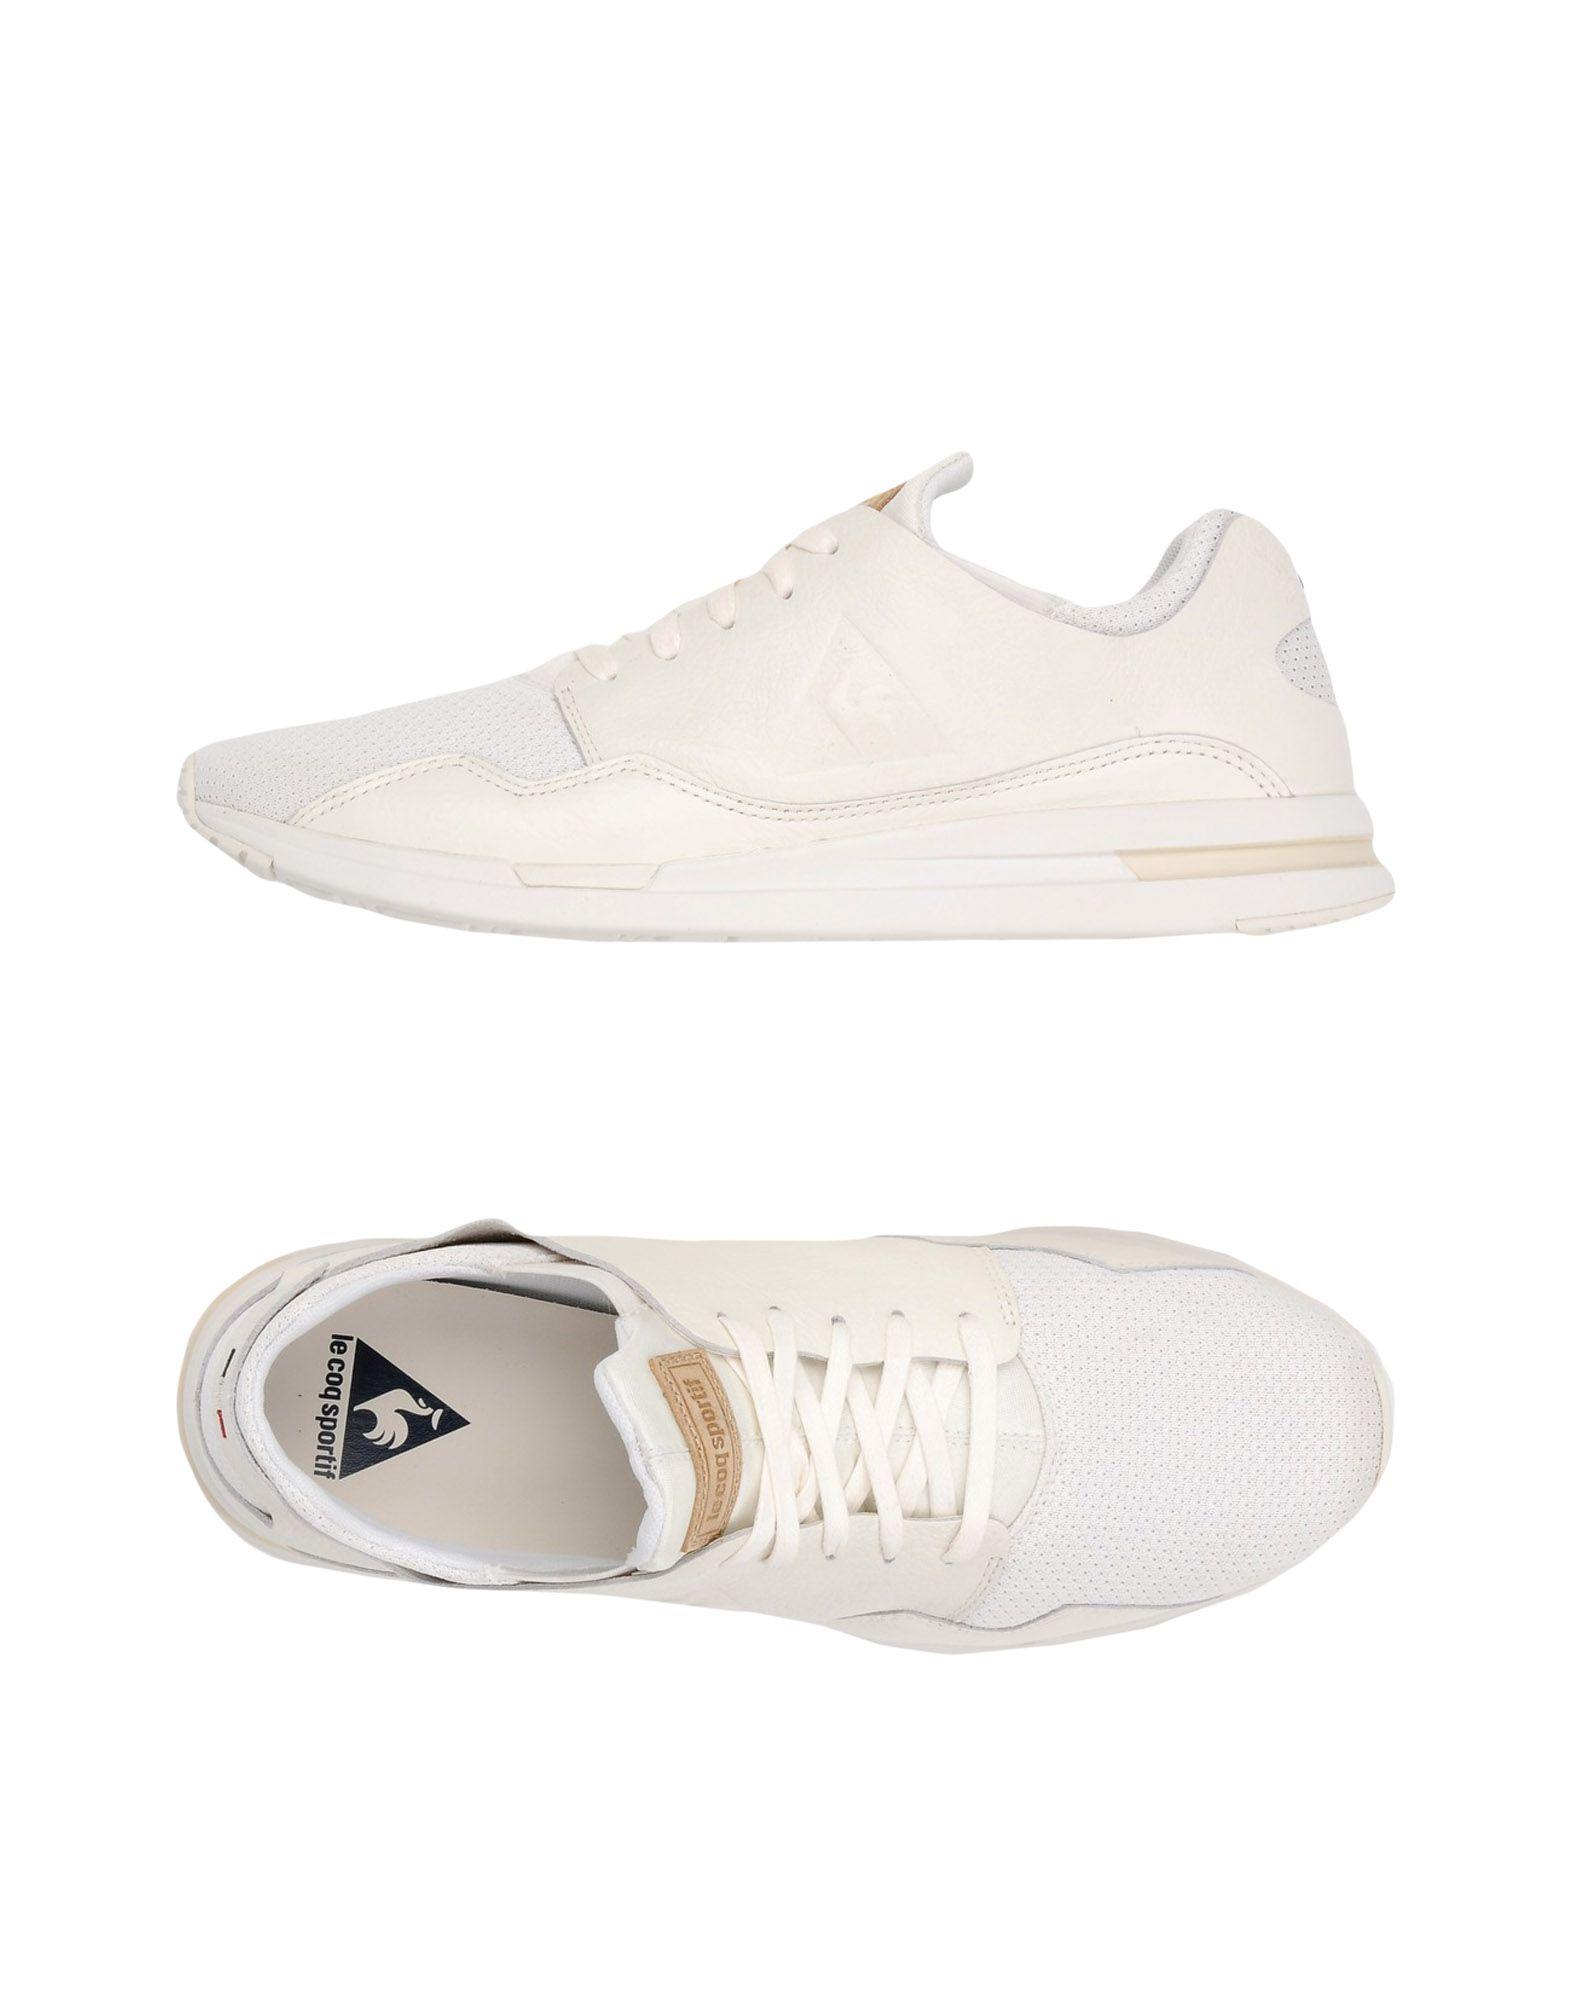 Sneakers Le Coq Sportif Lcs R Pure Leather/Mesh - Uomo - Acquista online su